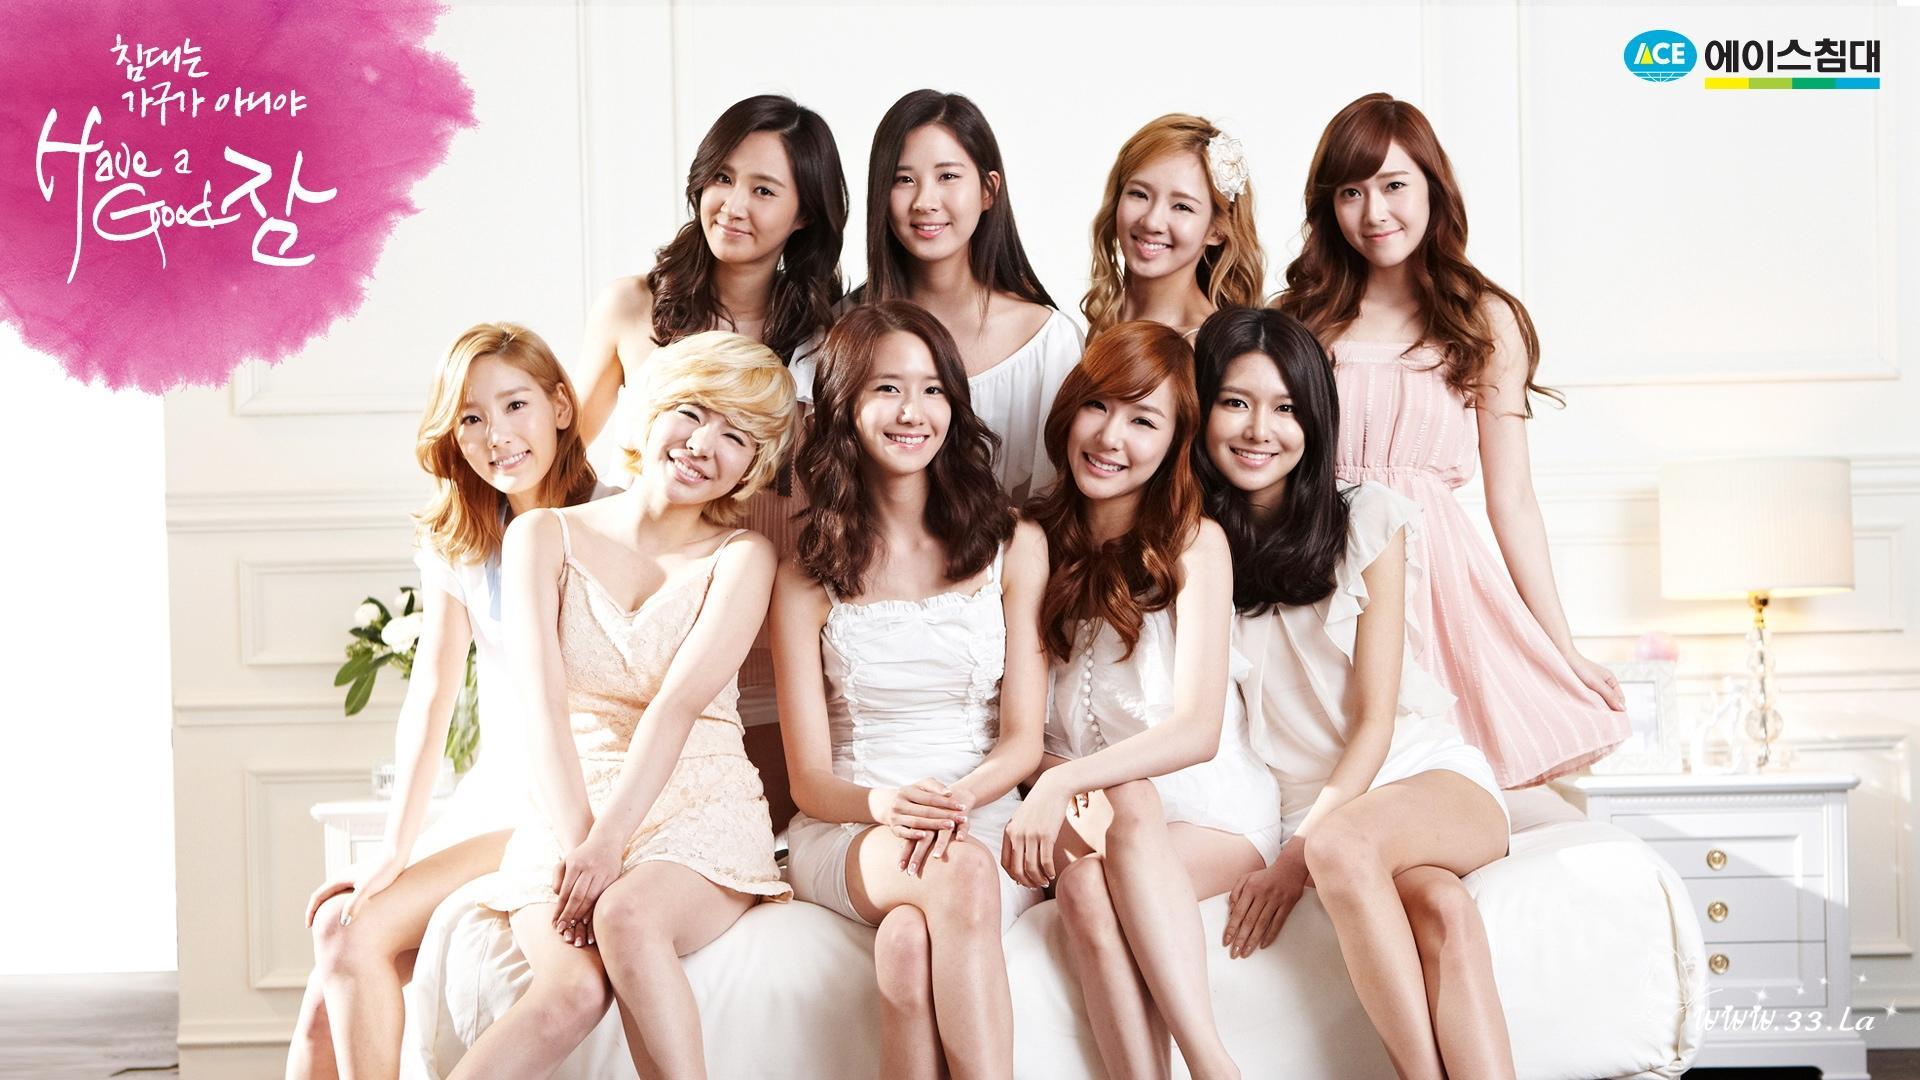 韩国当红女子团体 少女时代老当益壮 f x miss a迅速成长 高清图片